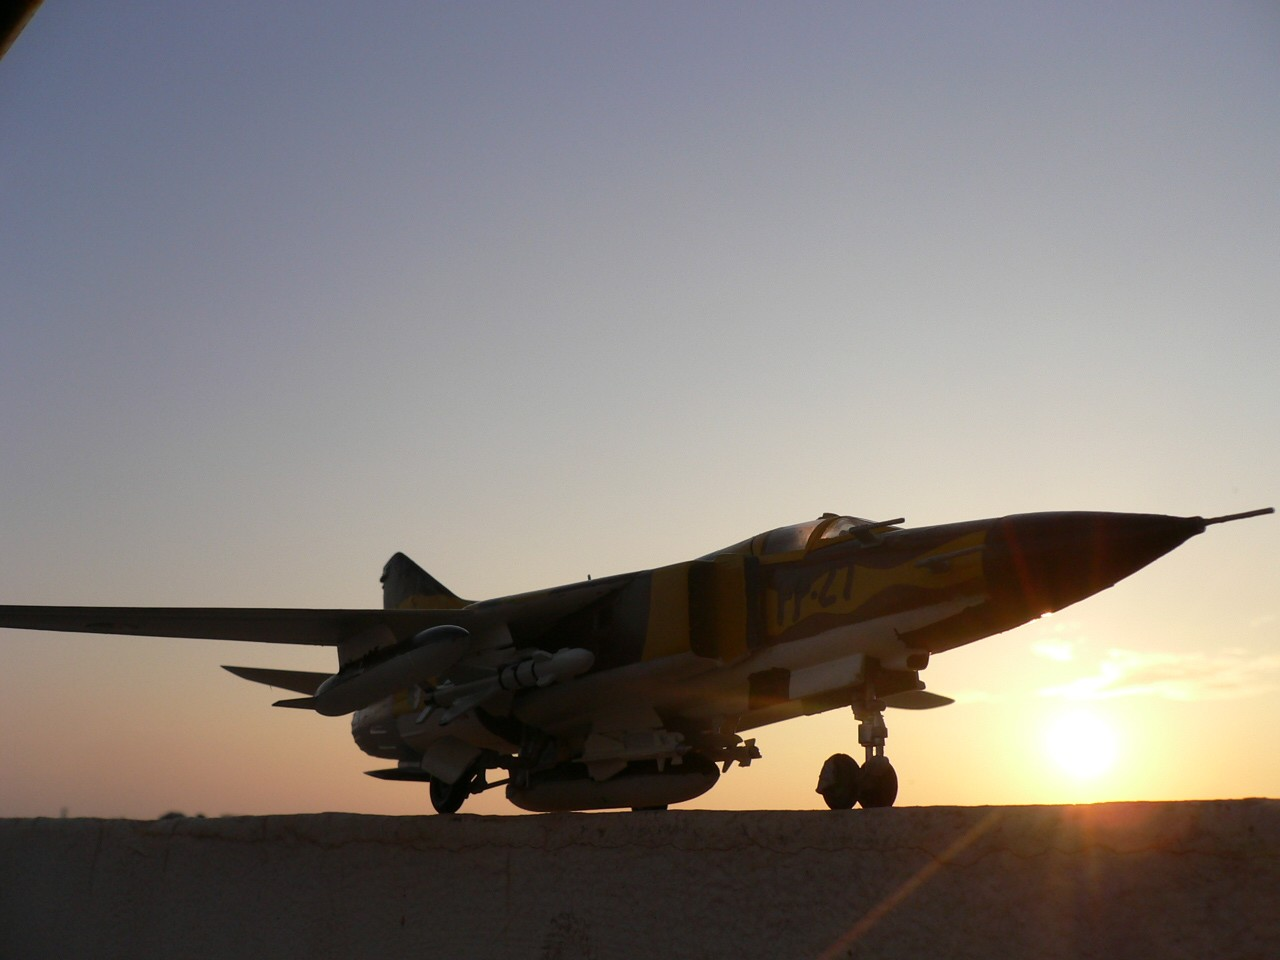 الطائرة المقاتلة Mig 23 P1050110